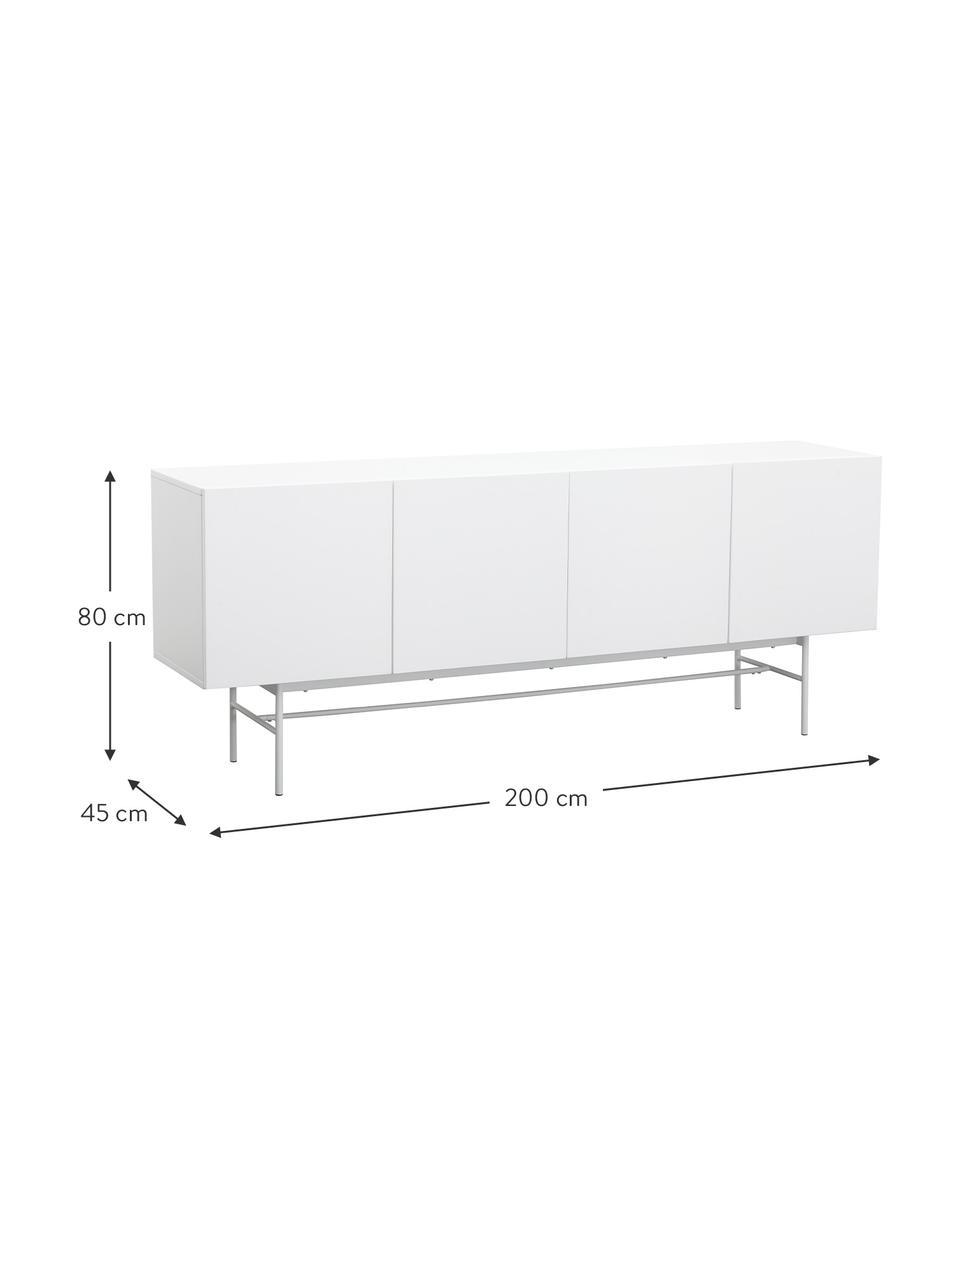 Modernes Sideboard Anders mit Türen in Weiss, Korpus: Mitteldichte Holzfaserpla, Korpus: WeissFüsse: Weiss, matt, 200 x 80 cm